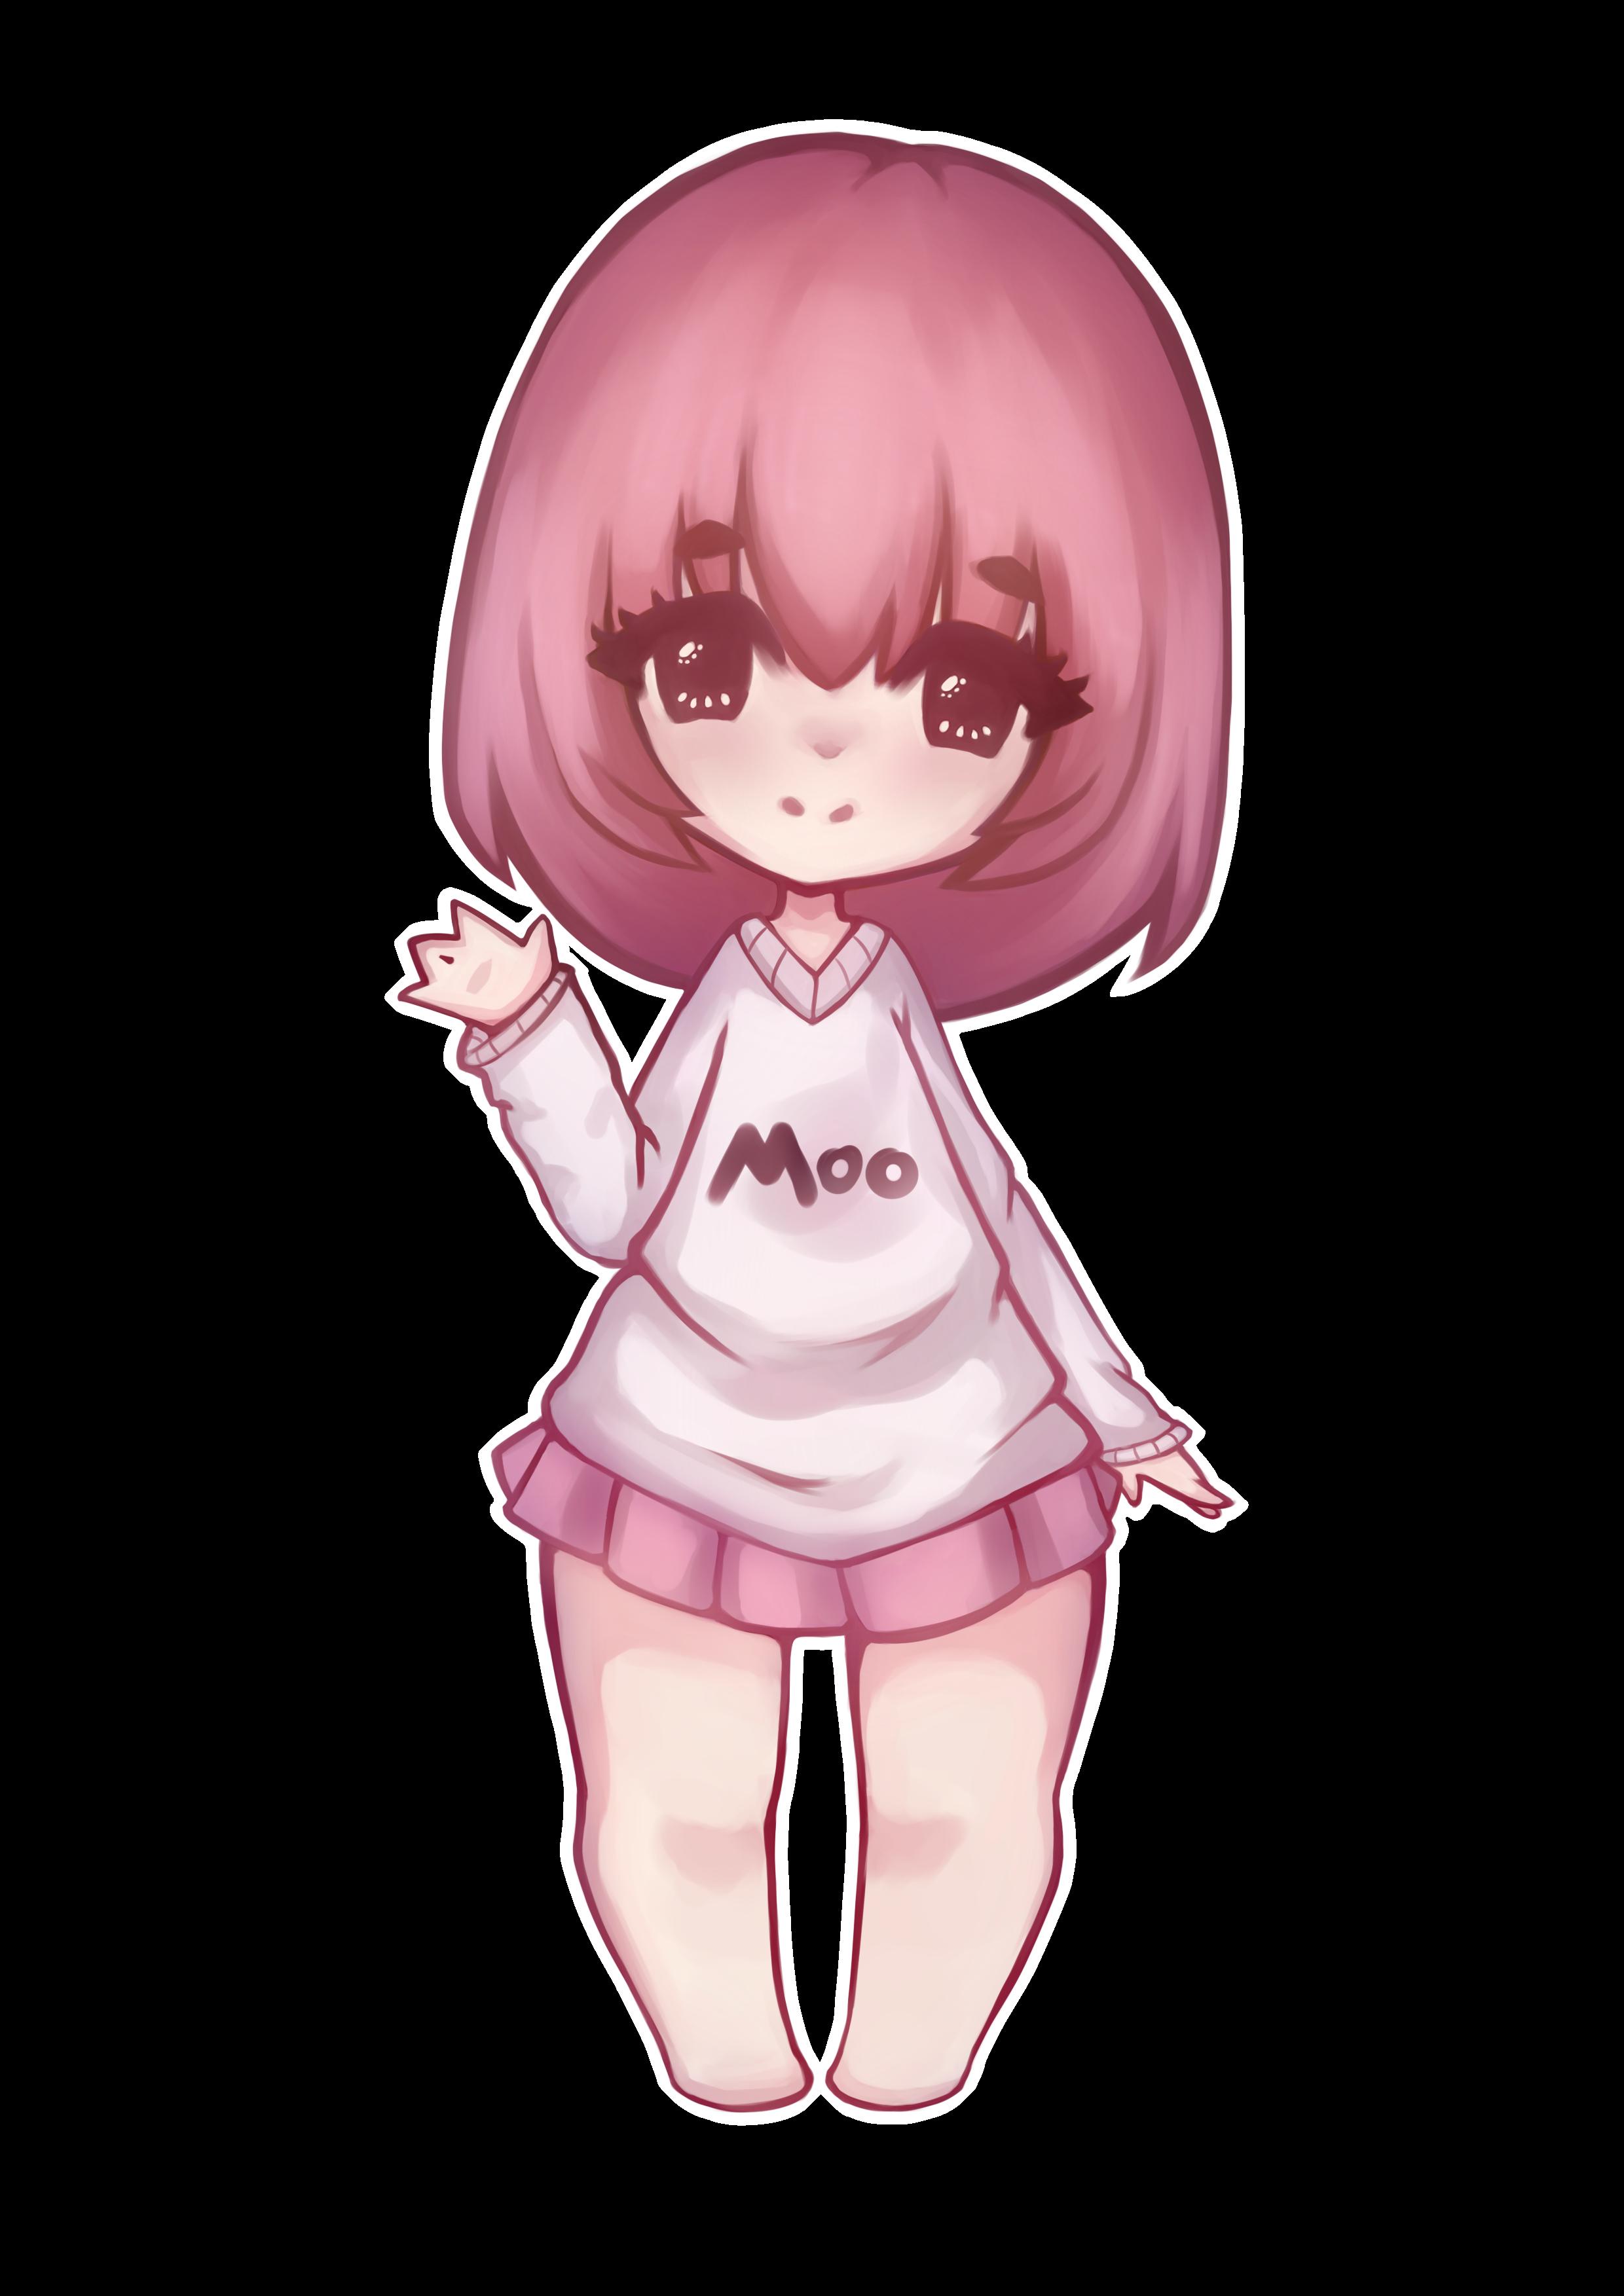 Moo! [Fanart for MissMoonica]